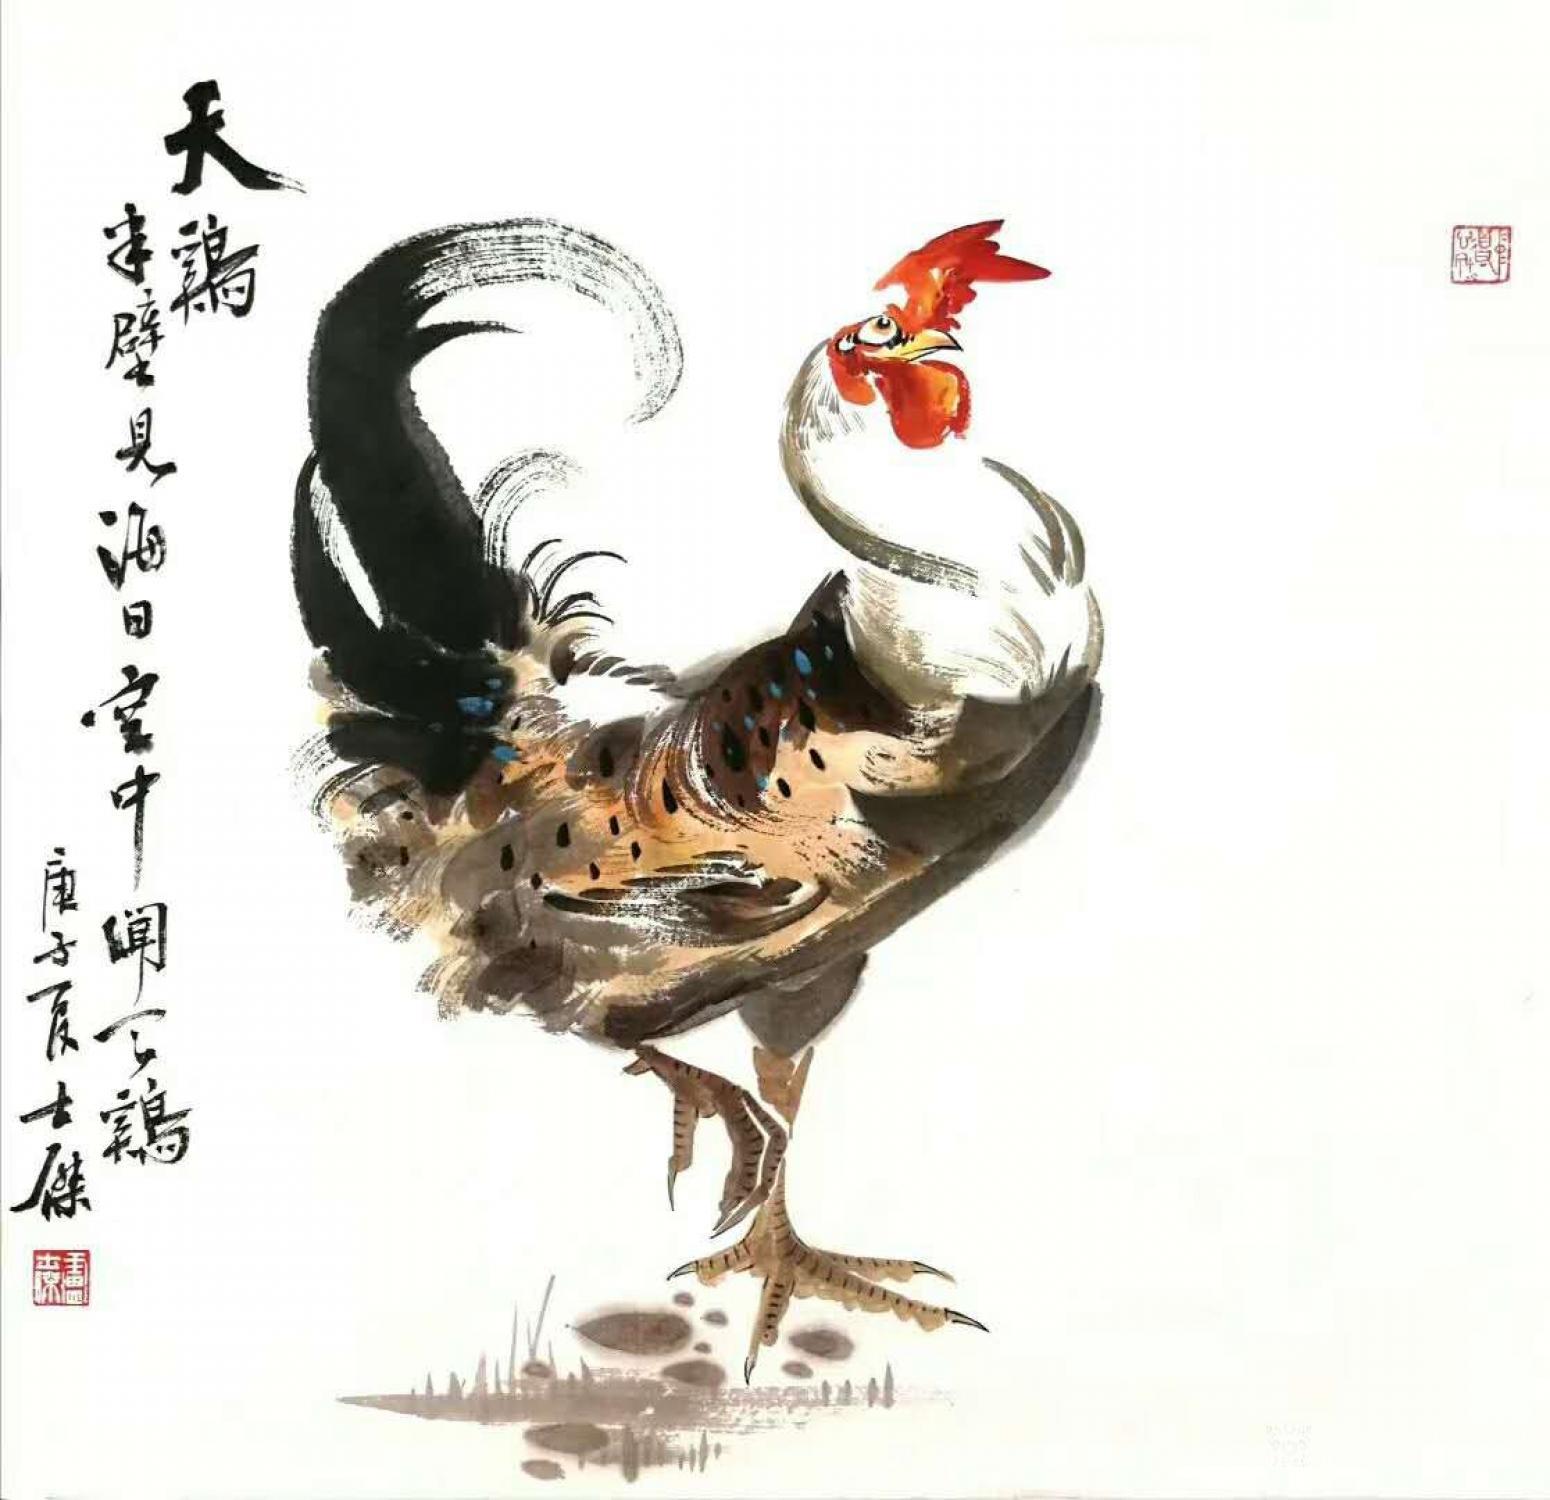 卢士杰国画作品《天鸡》【图0】